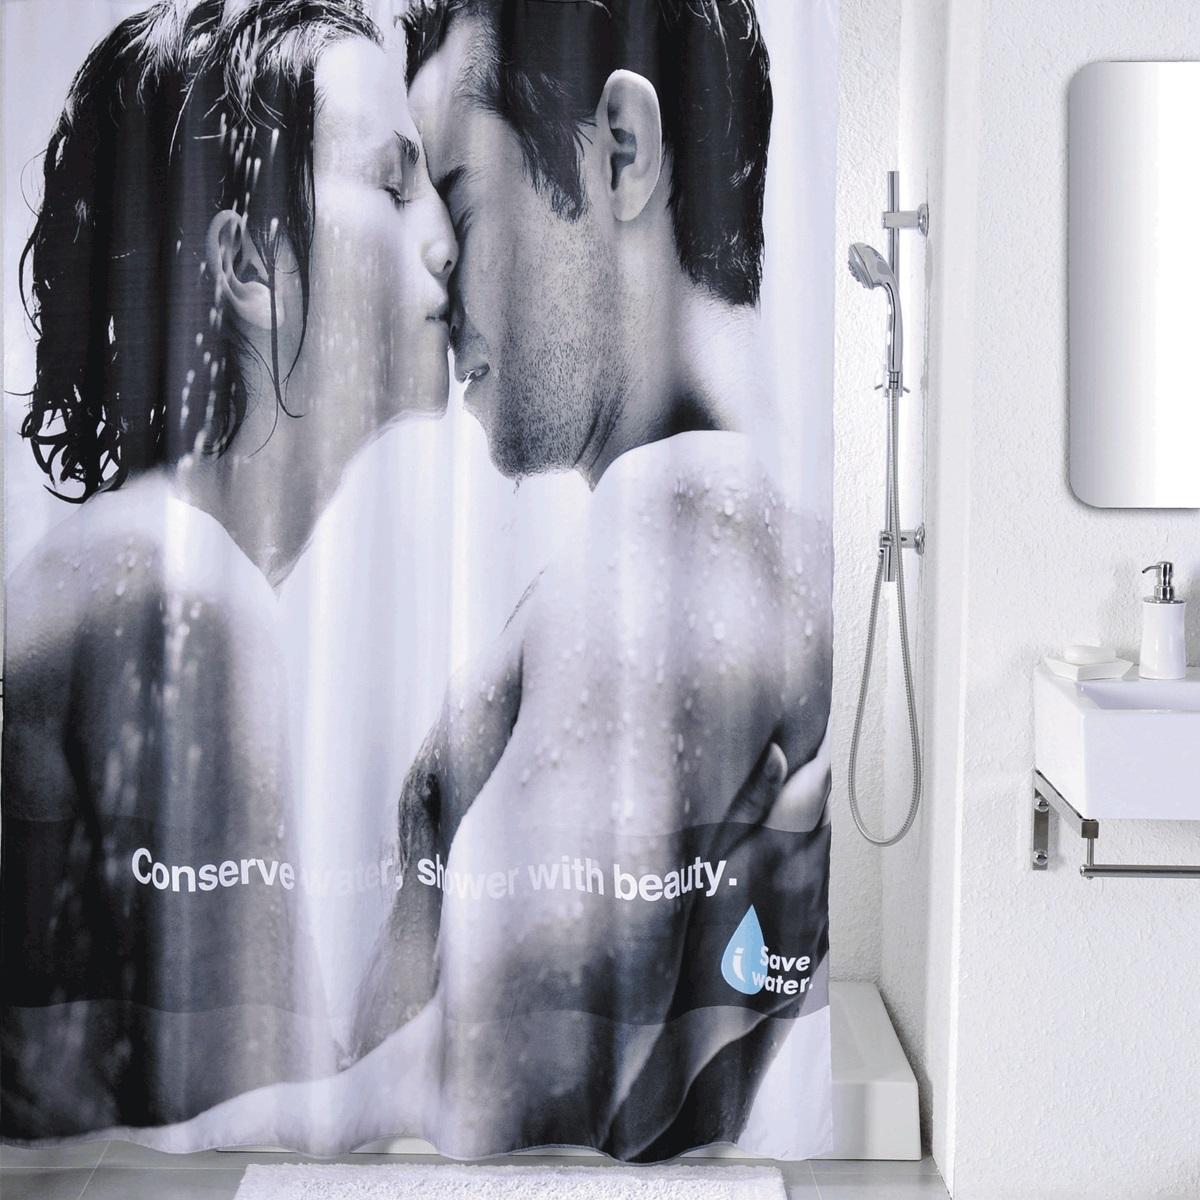 Штора для ванной Iddis Romance, цвет: белый, черный, 180 x 200 смSCID160PШтора для ванной комнаты Iddis выполнена из быстросохнущего материала - 100% полиэстера, что обеспечивает прочность изделия и легкость ухода за ним.Материал шторы пропитан специальным водоотталкивающим составом Waterprof.Изделие изготовлено из экологически-чистого материала, оно обладает высокой степенью гигиеничности, не вызывает аллергических реакций.Штора имеет 12 металлических люверсов. В комплекте: штора и кольца.